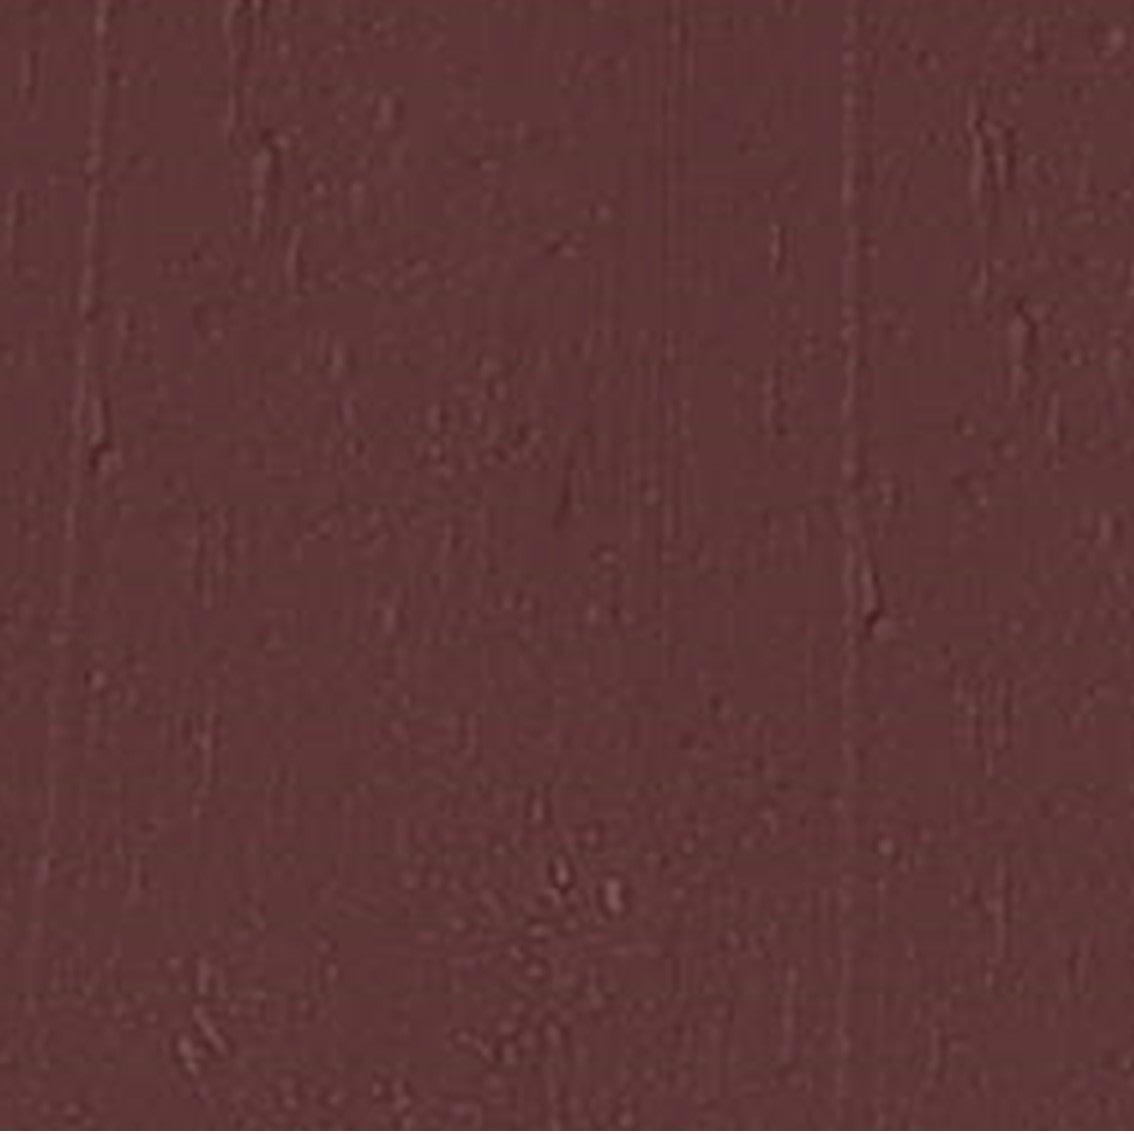 o Boticário Make B. Cremoso Revolution Brown - Batom 3,6g